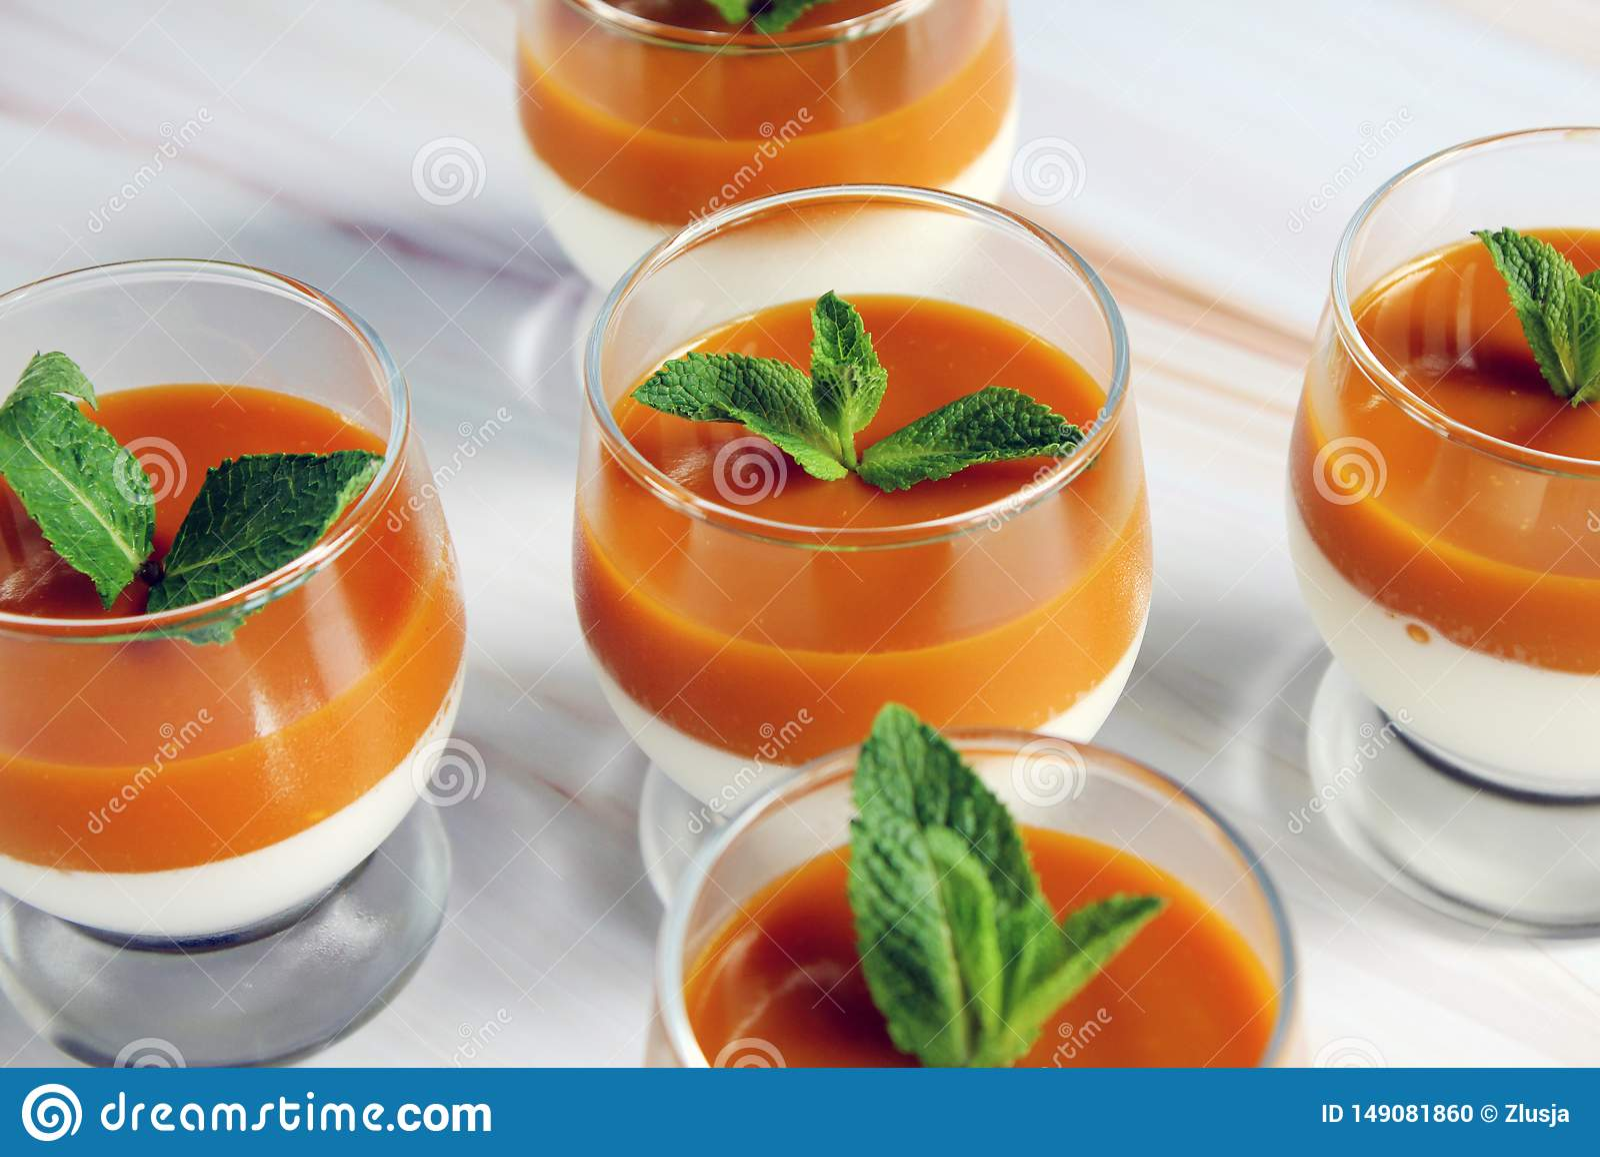 Sobremesa do cotta de Panna com pur? da manga com folhas de hortel? em um vidro em uma tabela de m?rmore